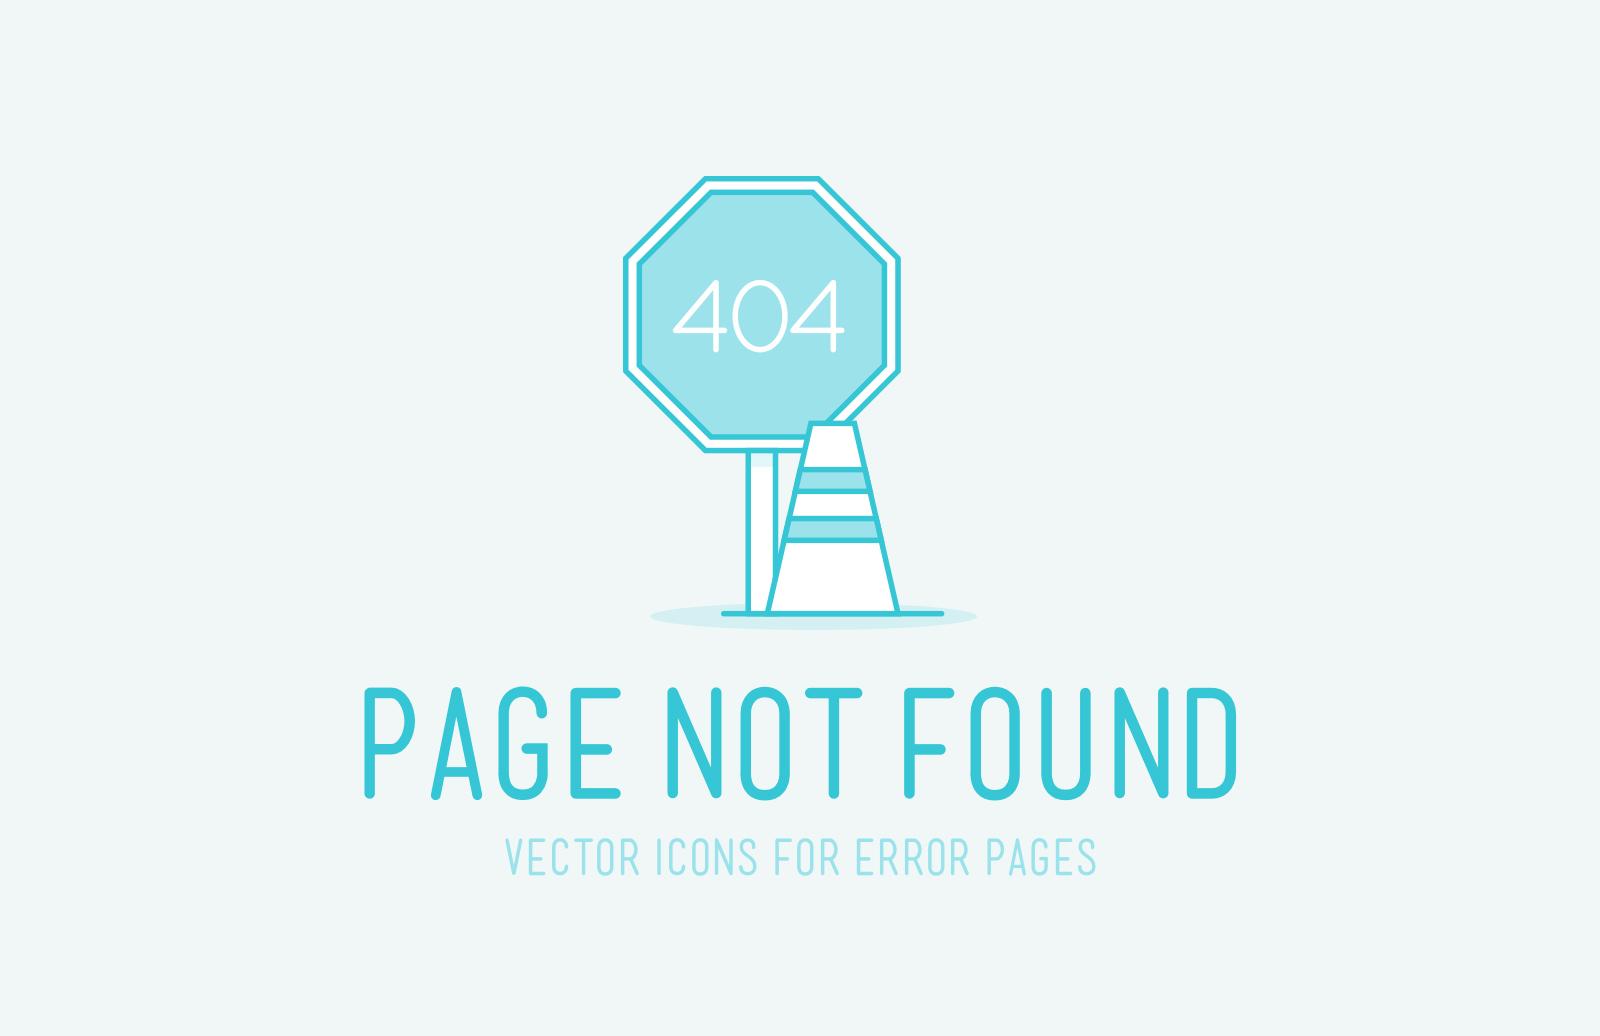 404 Error Page Vector Icons